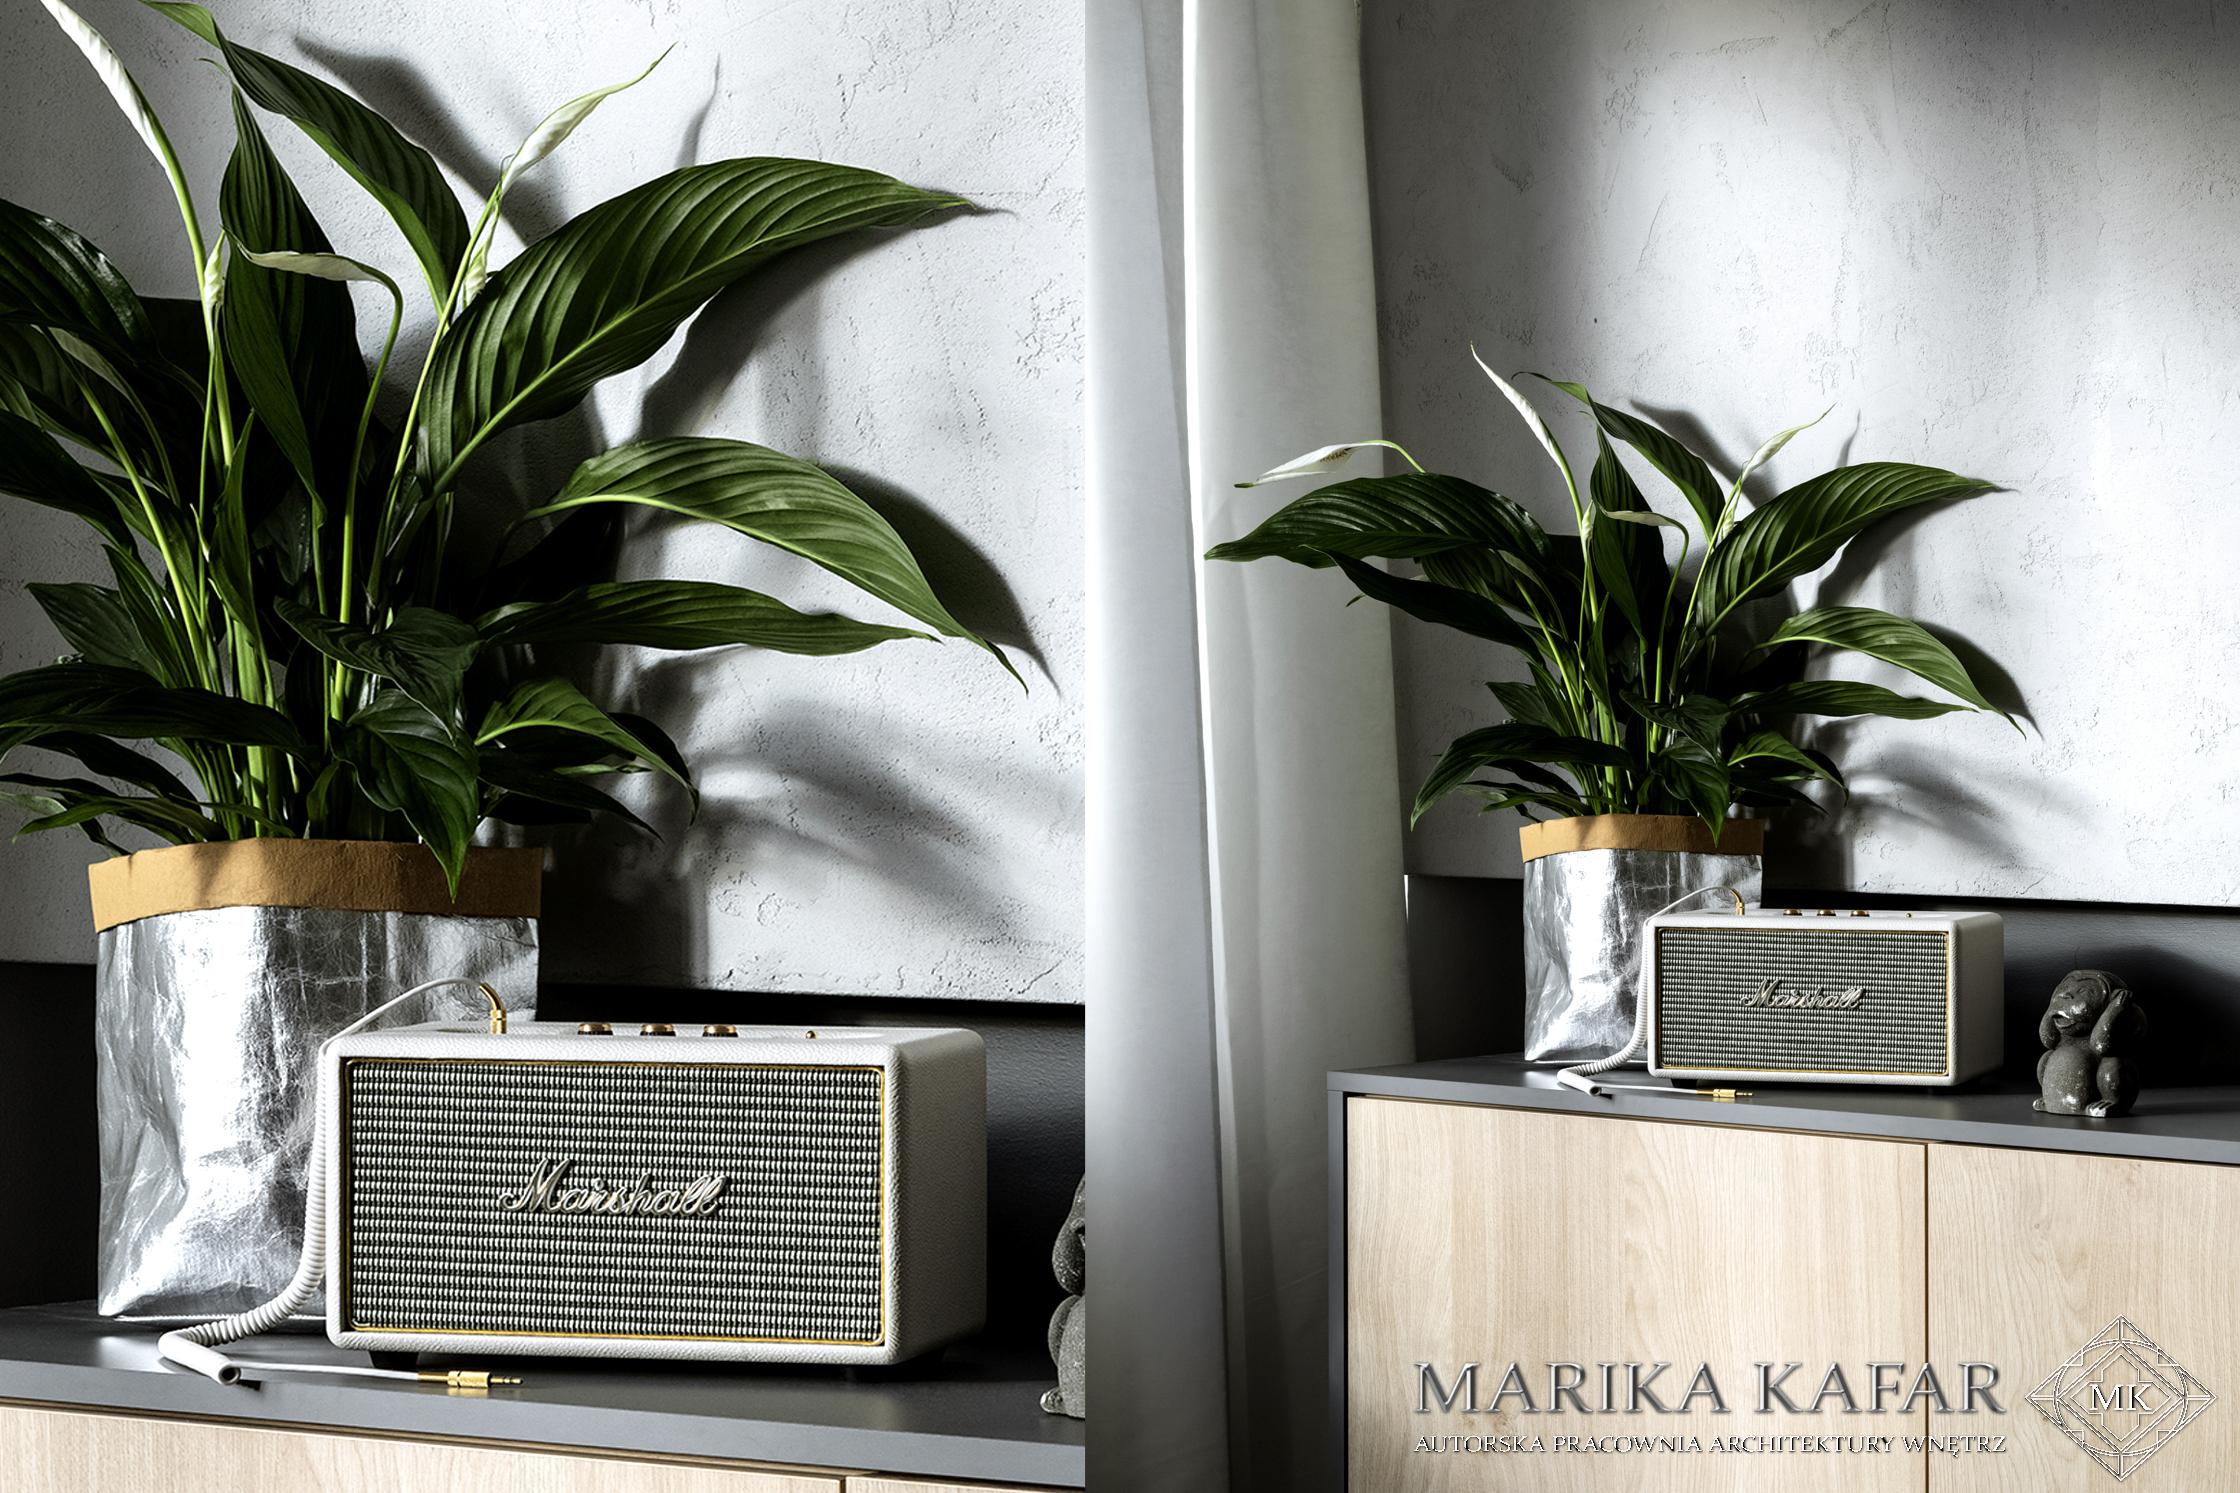 Marika Kafar. Jasne wnętrze z dużą ilością roślin.